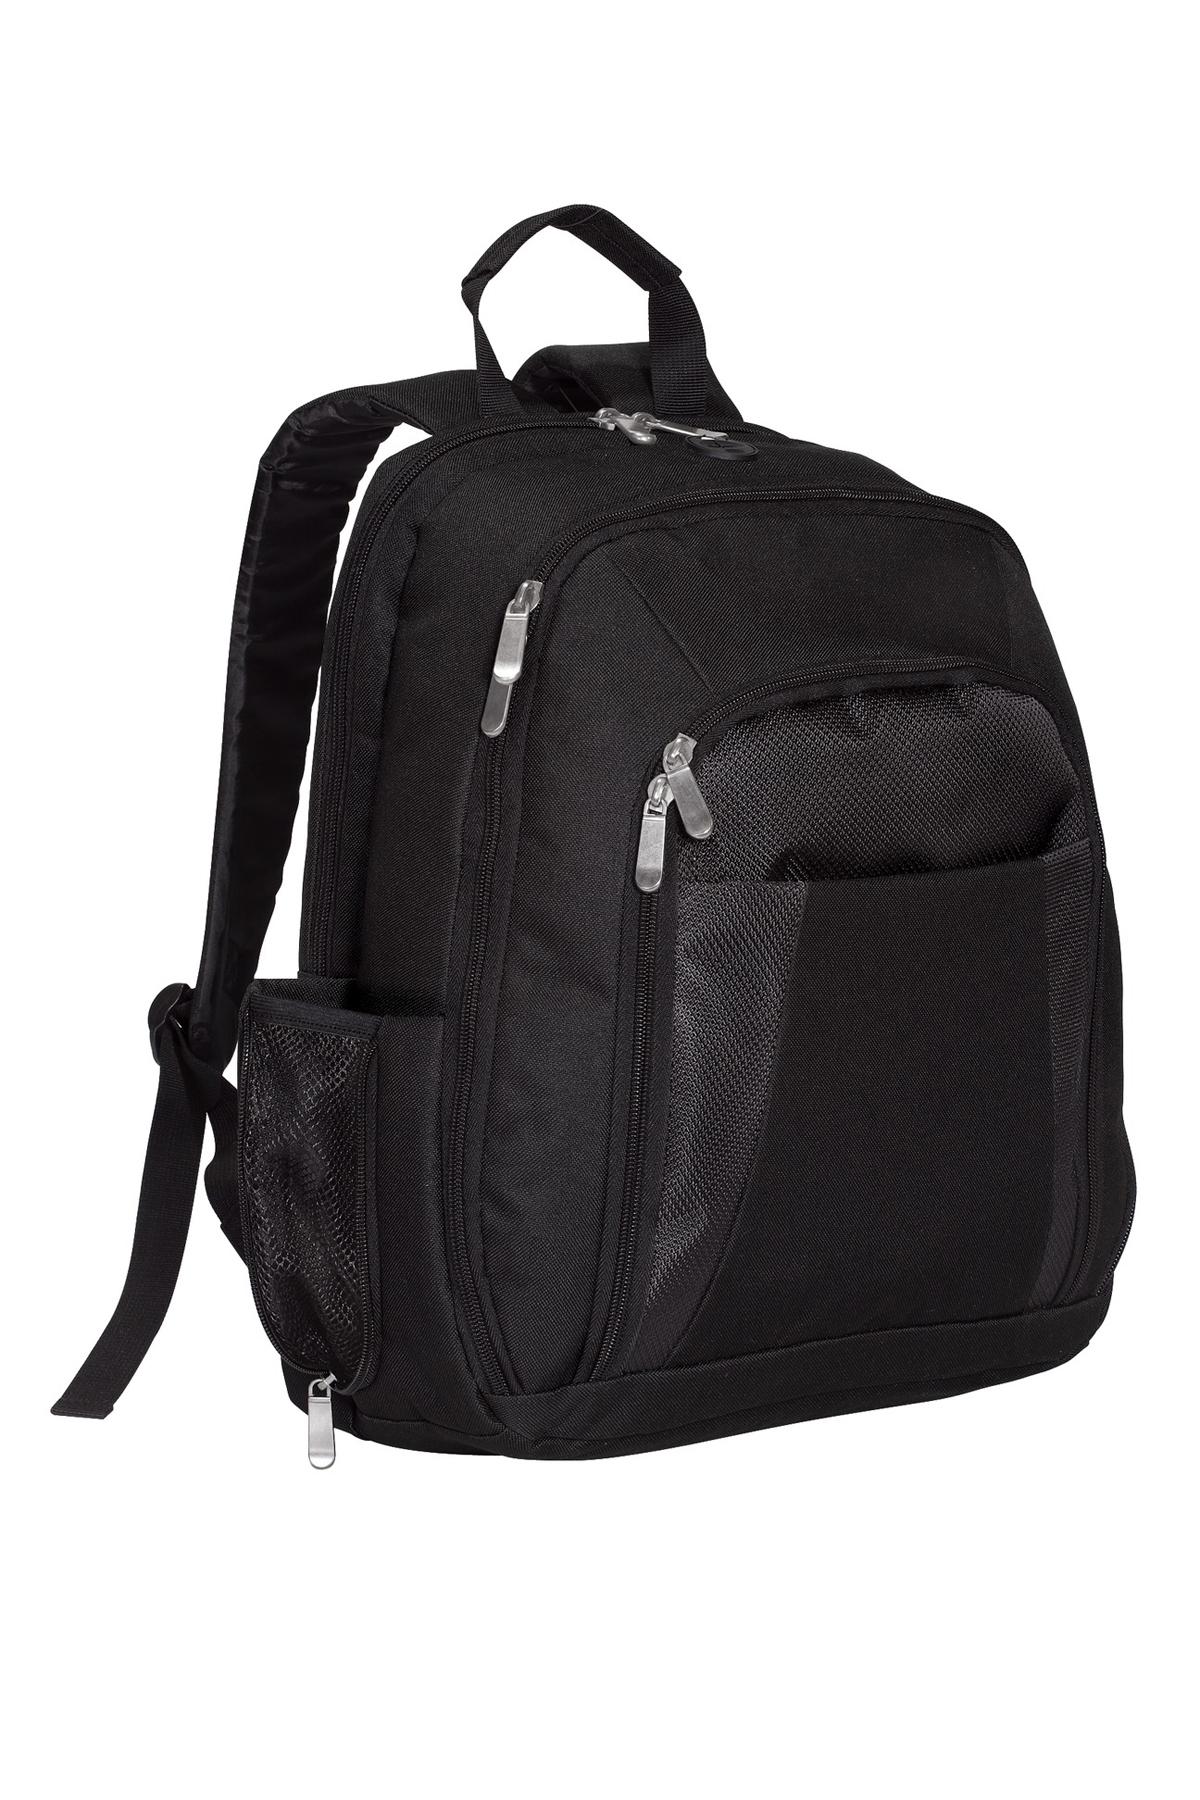 Bags-Backpacks-22